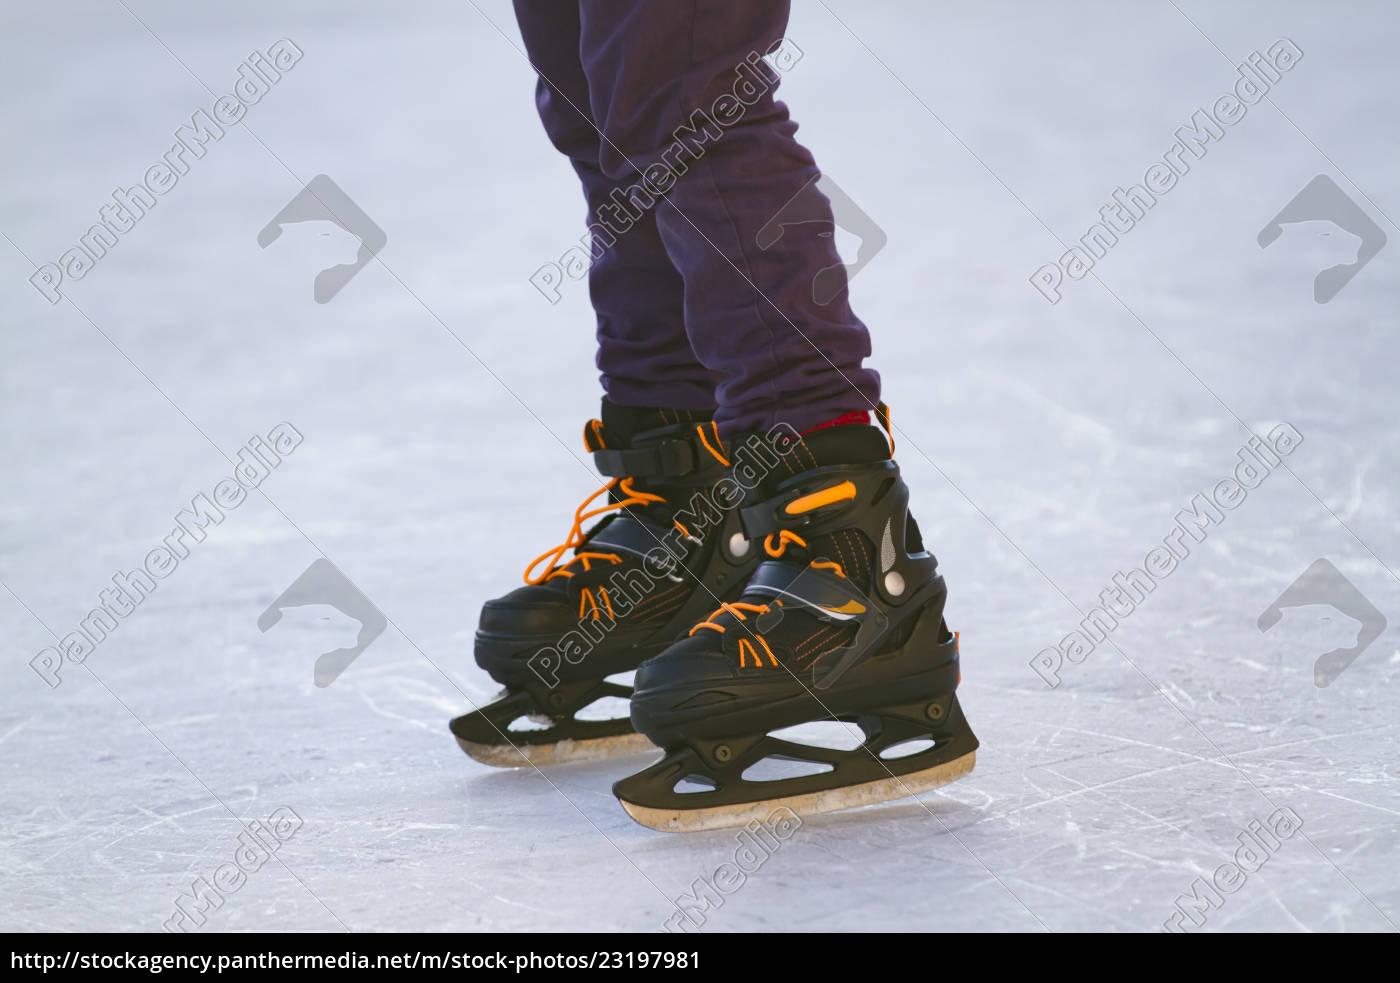 skater, on, ice - 23197981